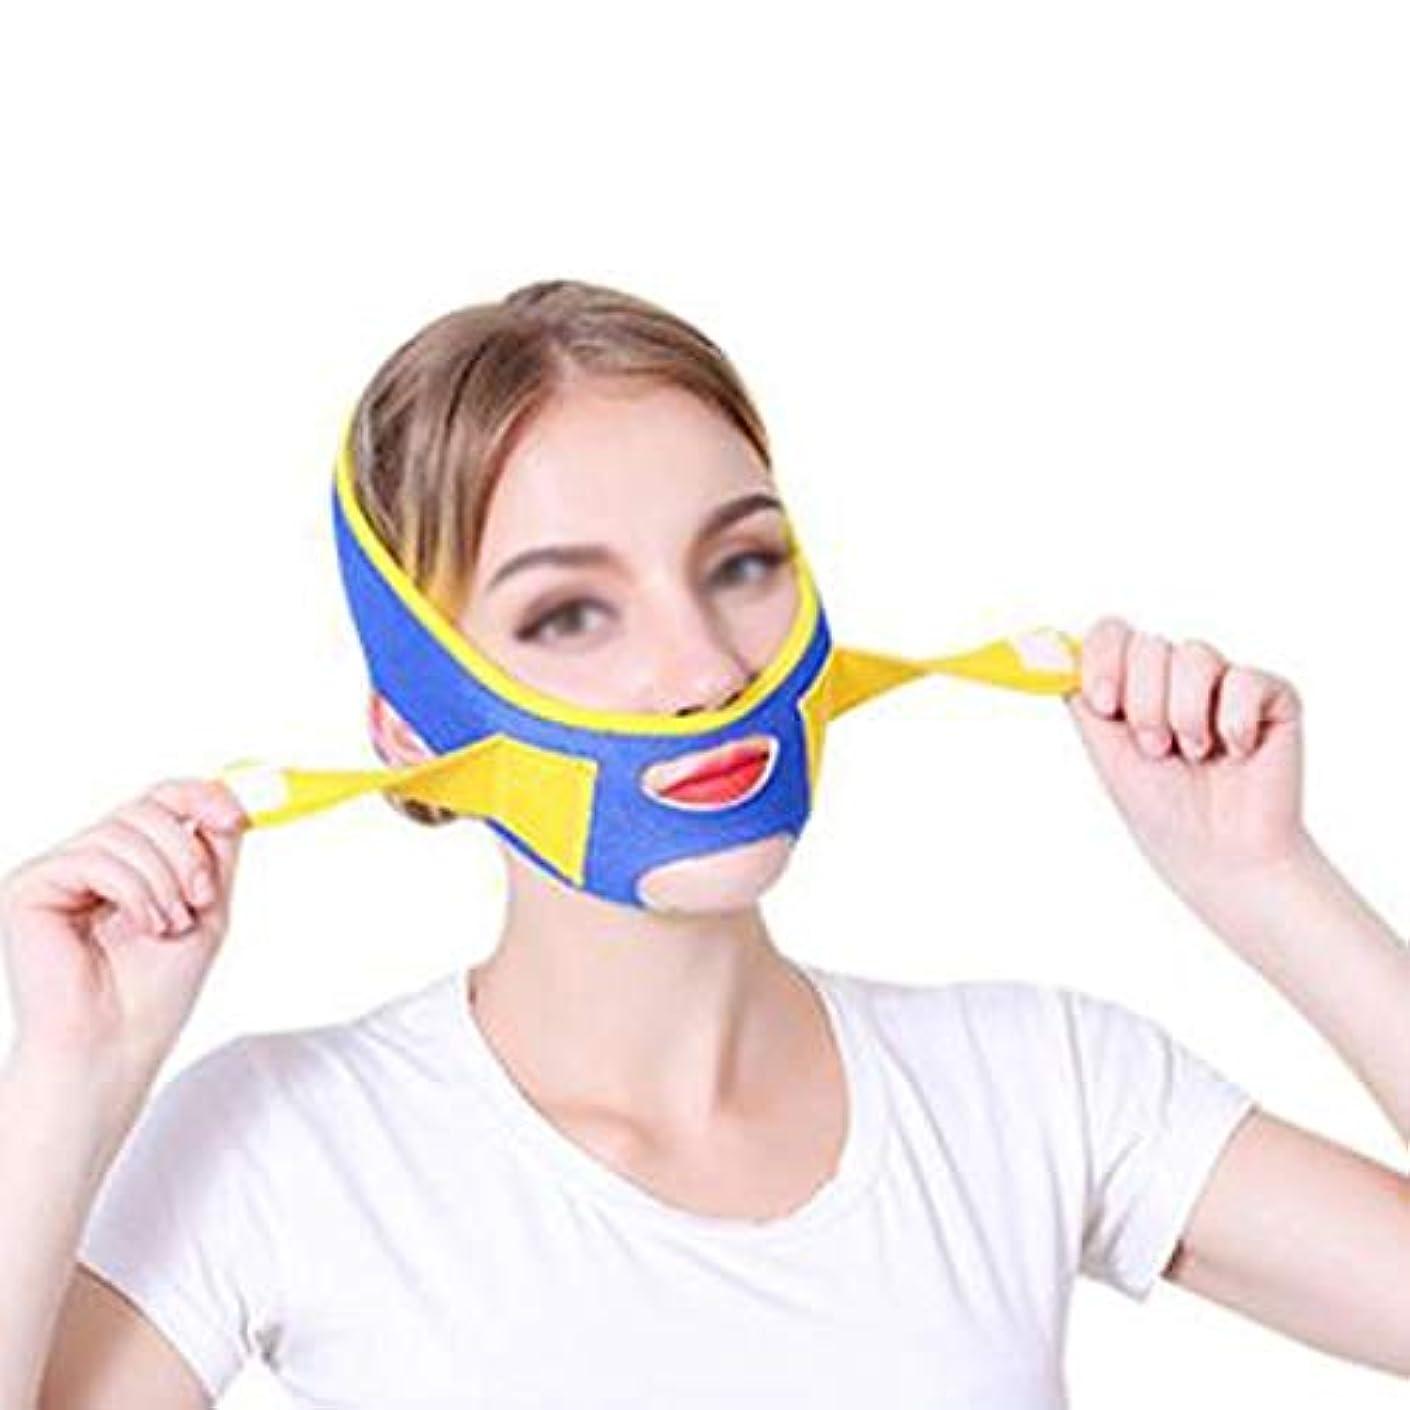 支援摂動パイントZWBD フェイスマスク, リフティングフェイスマスク抗たるみVフェイスリフティング包帯を布布する薄い二重あご通気性睡眠マスクギフト